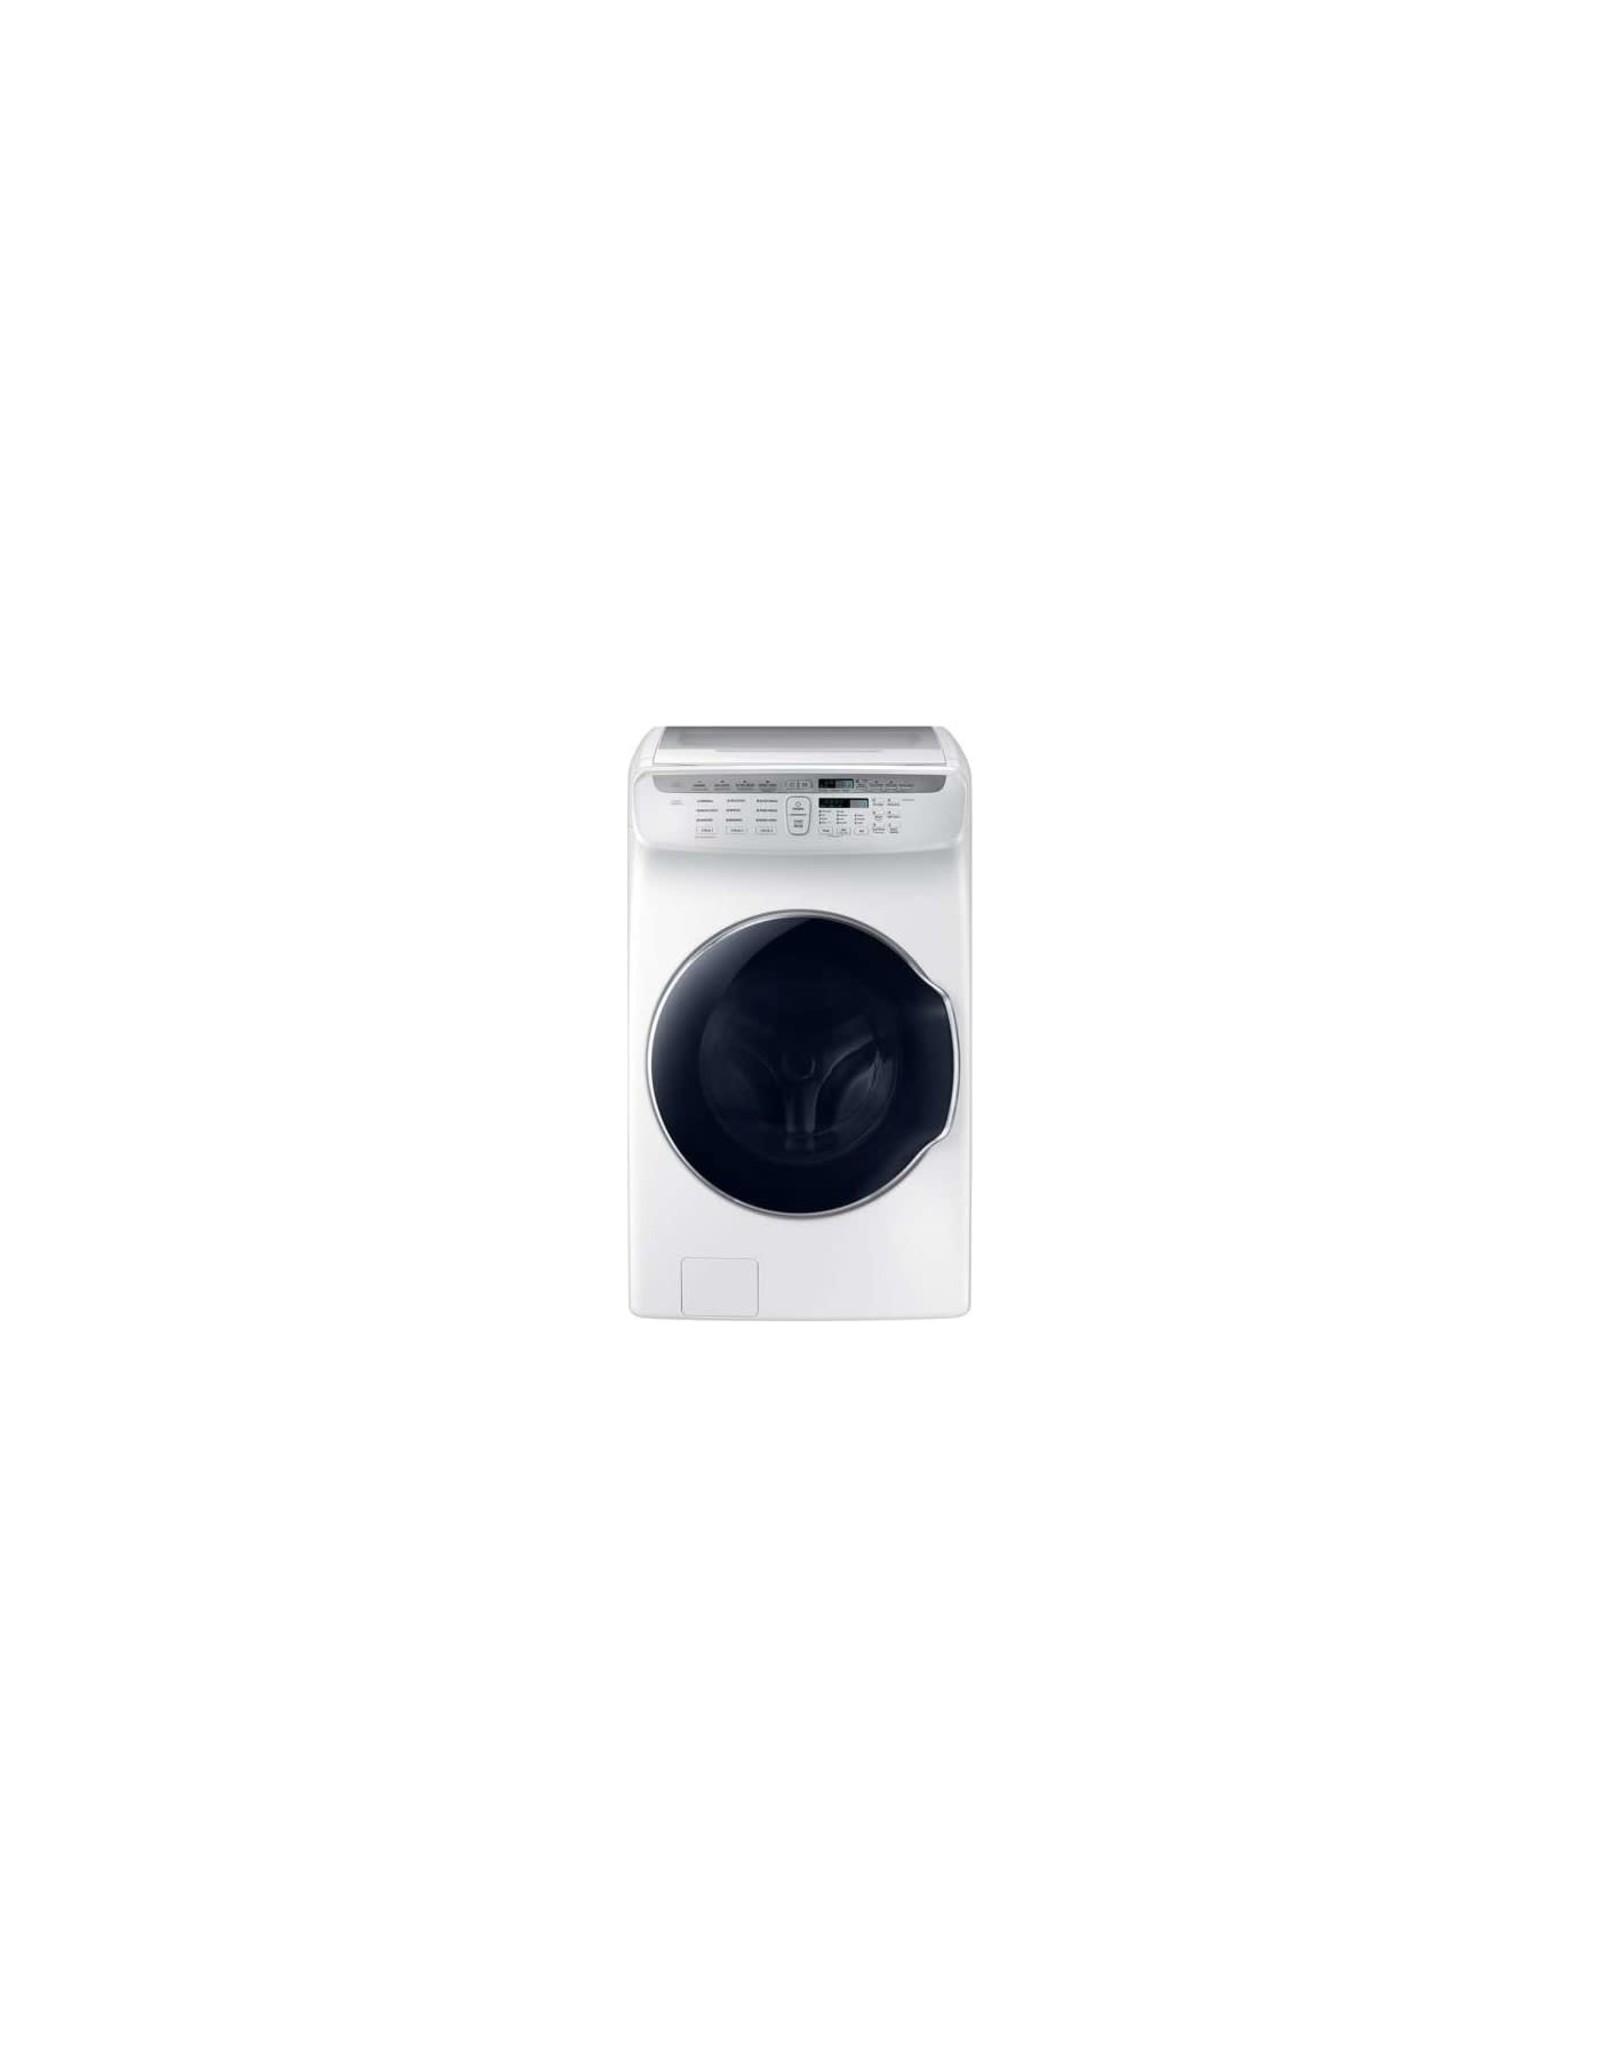 SAMSUNG WV55M9600AW Samsung 4.5 cf + 1.0 cf Flex Washer w/ Steam (White)